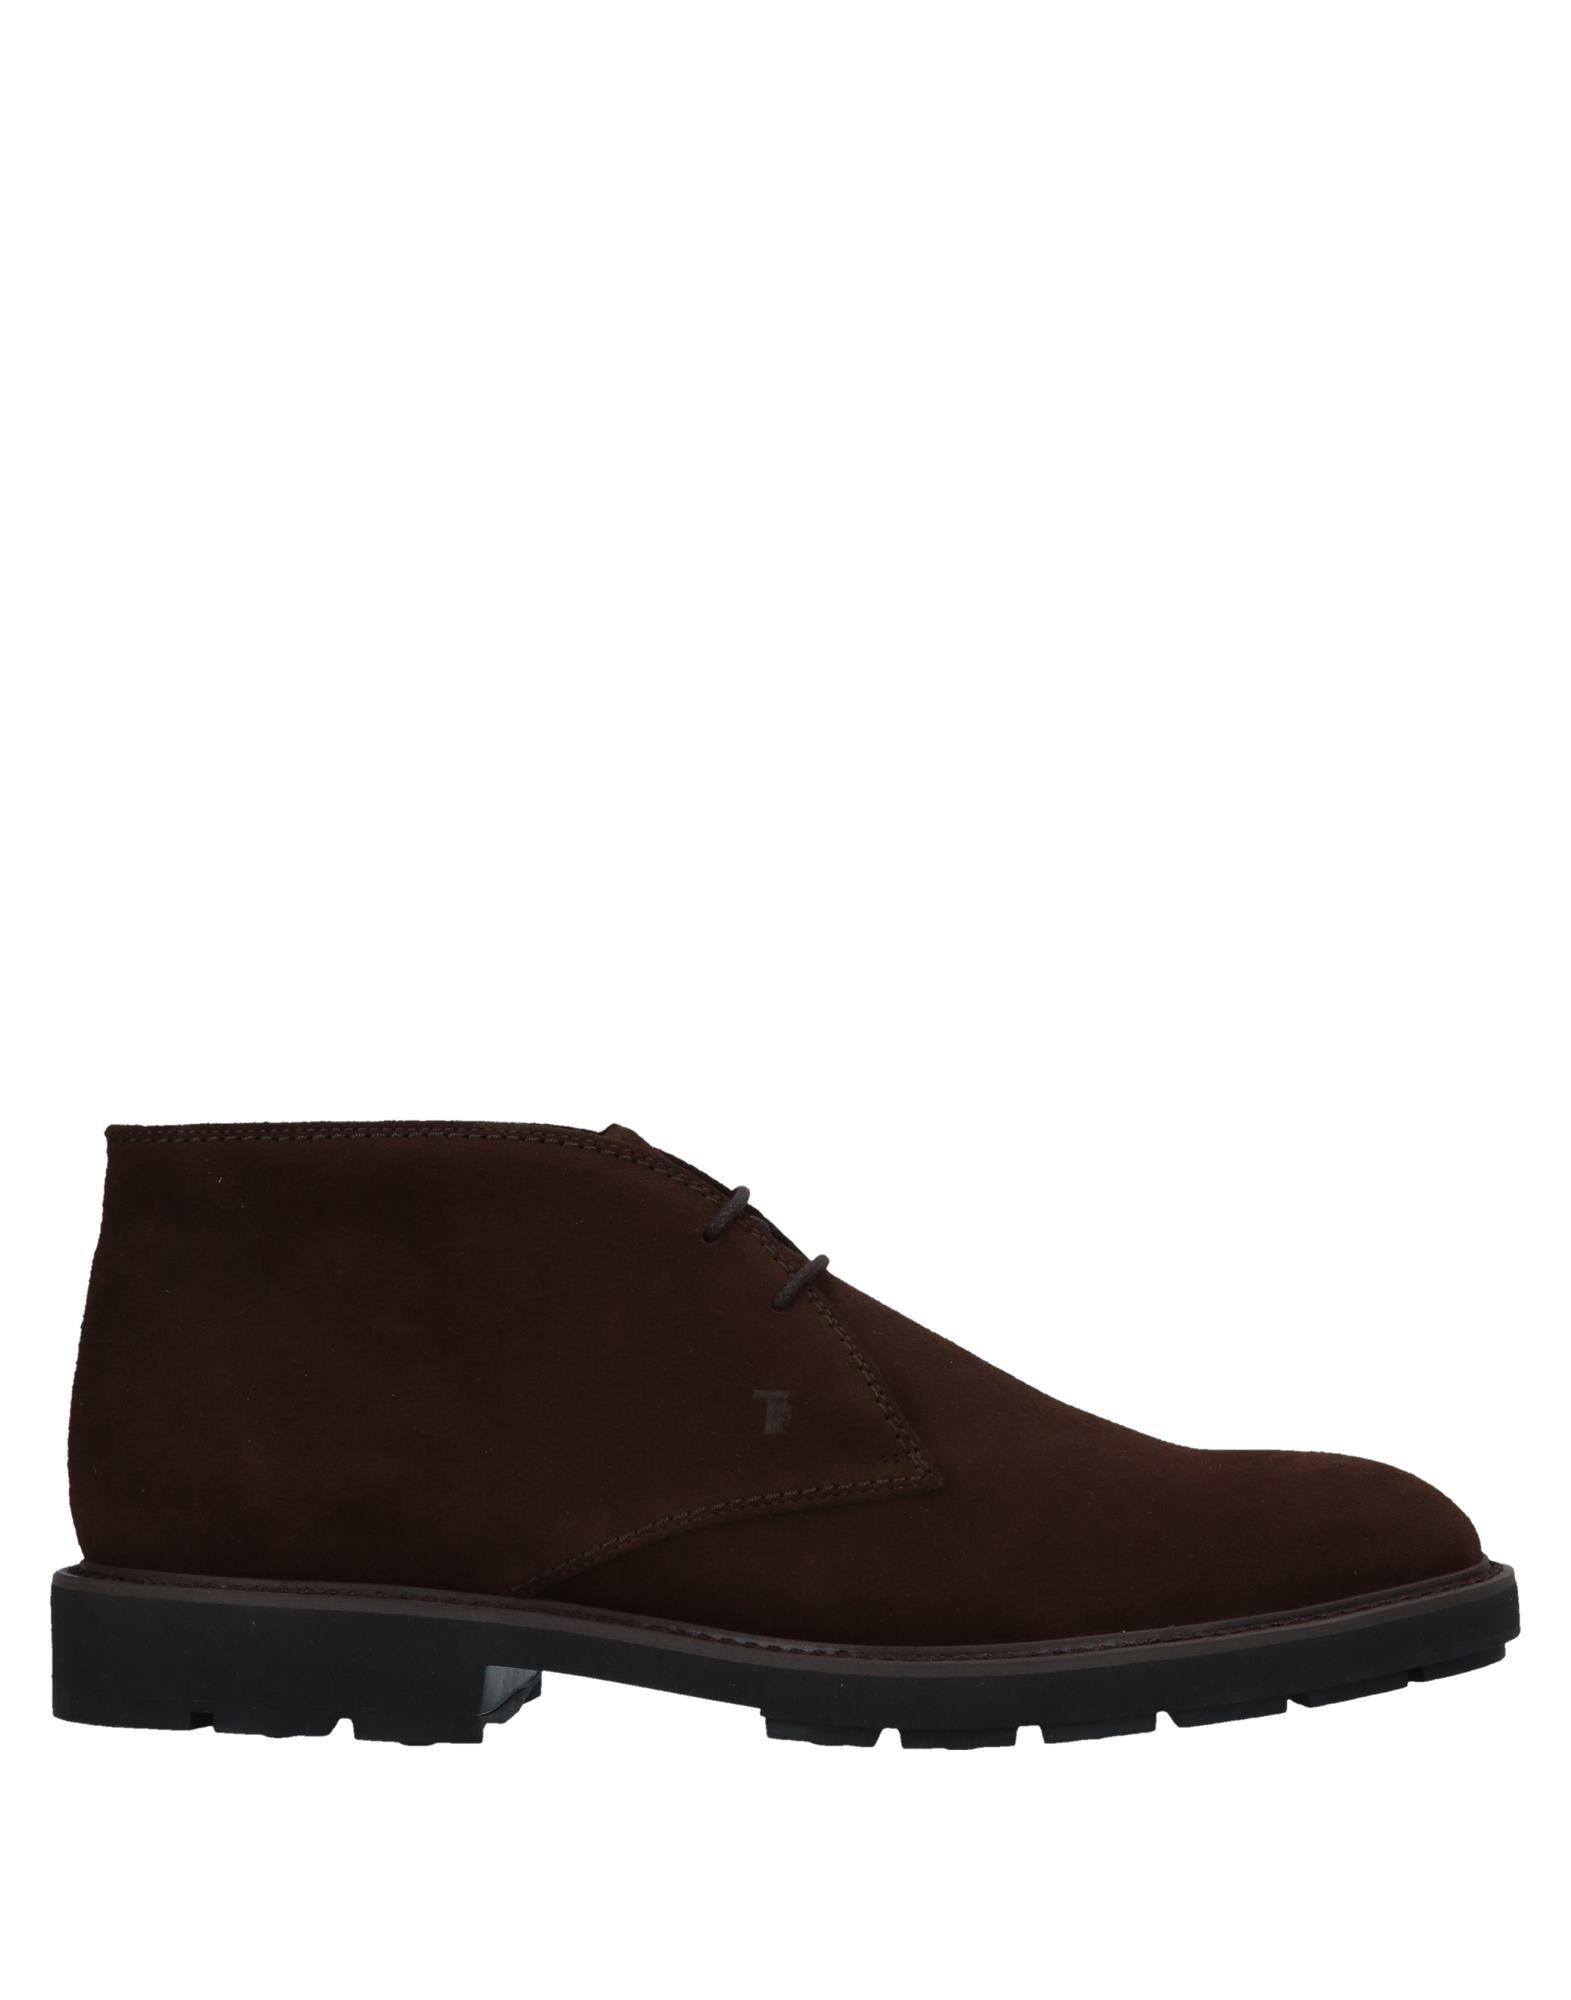 Tod's Stiefelette Herren  11536050TK Gute Qualität beliebte Schuhe